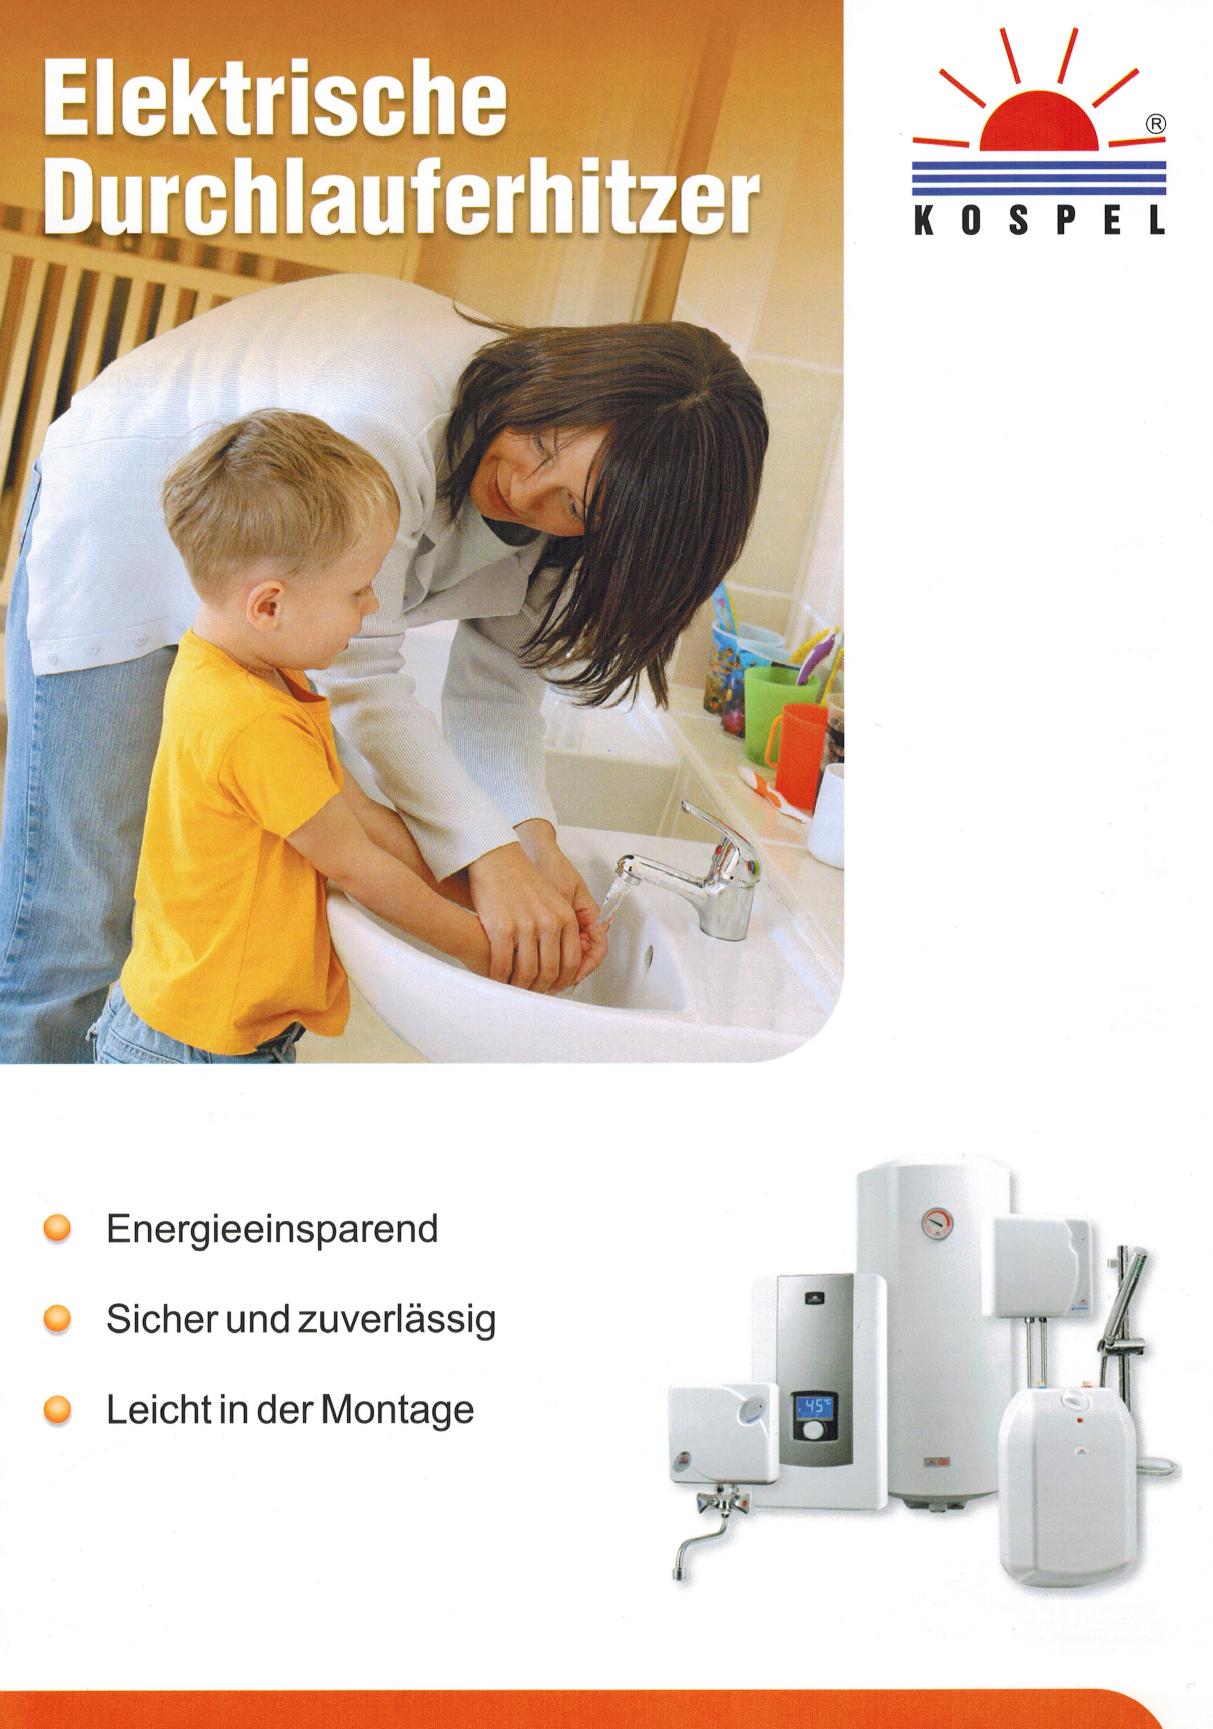 Prospekt elektrische Durchlauferhitzer.pdf